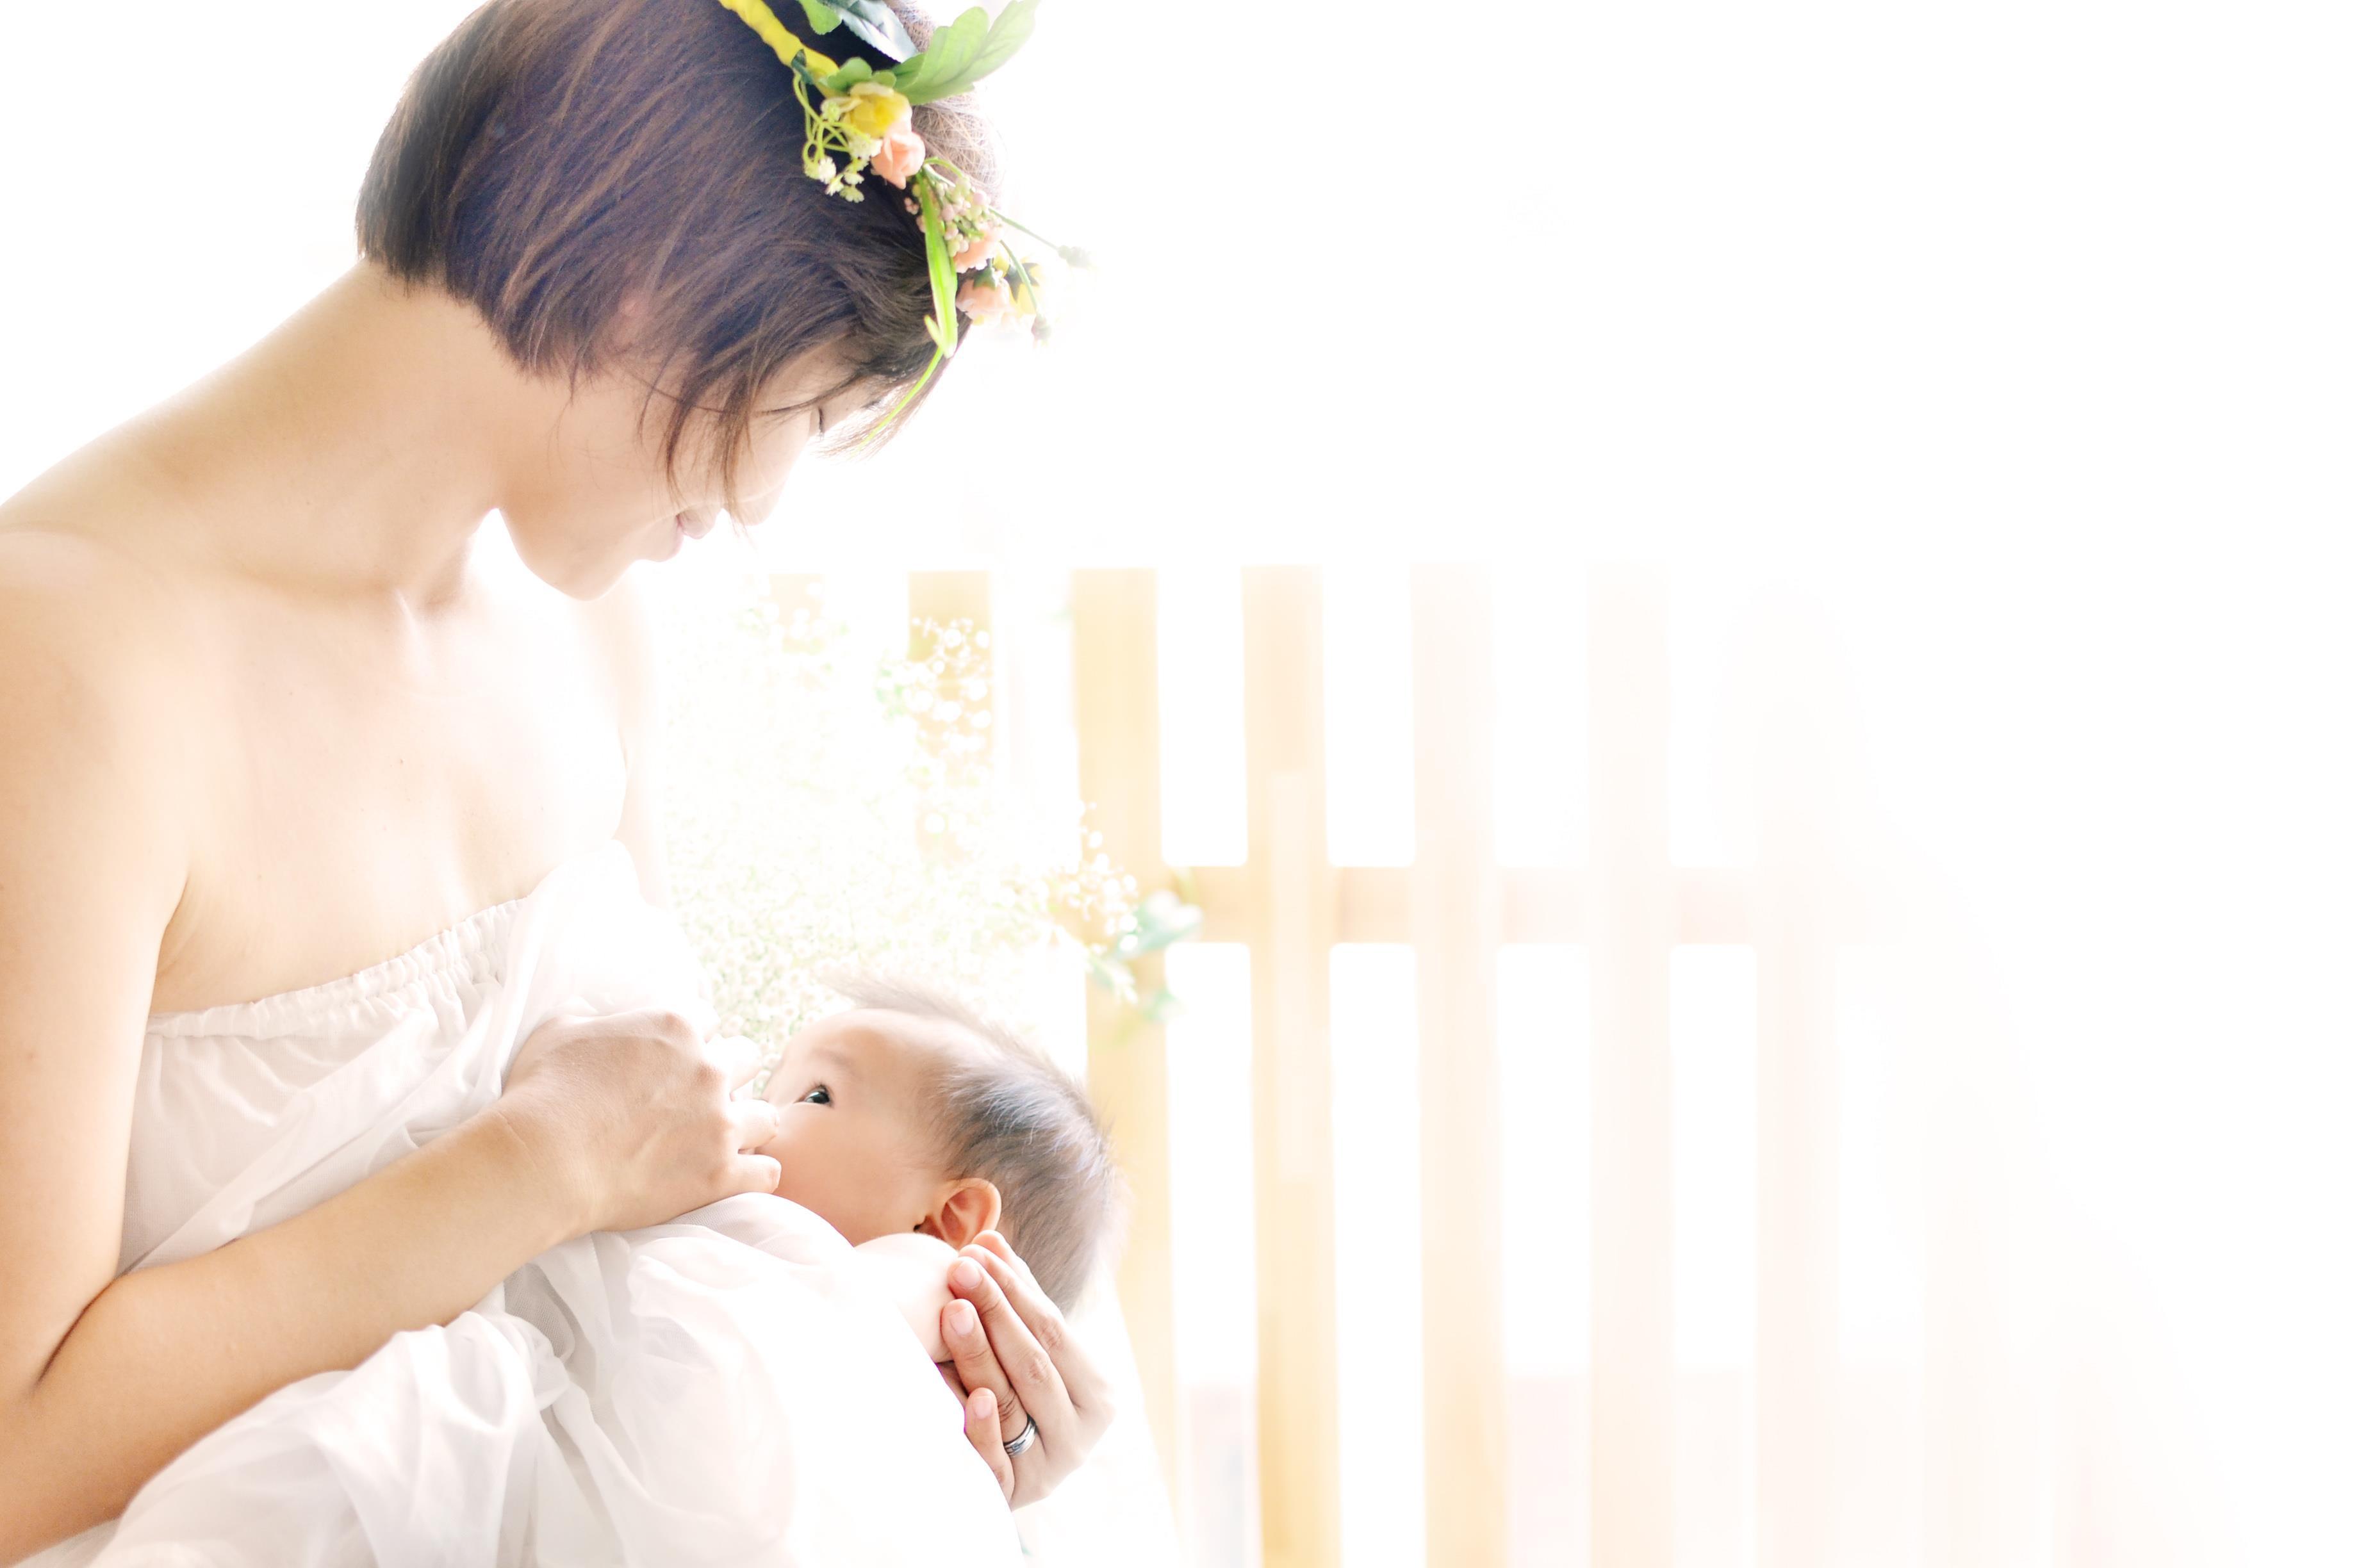 親子肌膚護理品牌馨朵拉推新品 讓哺乳媽媽不憂鬱